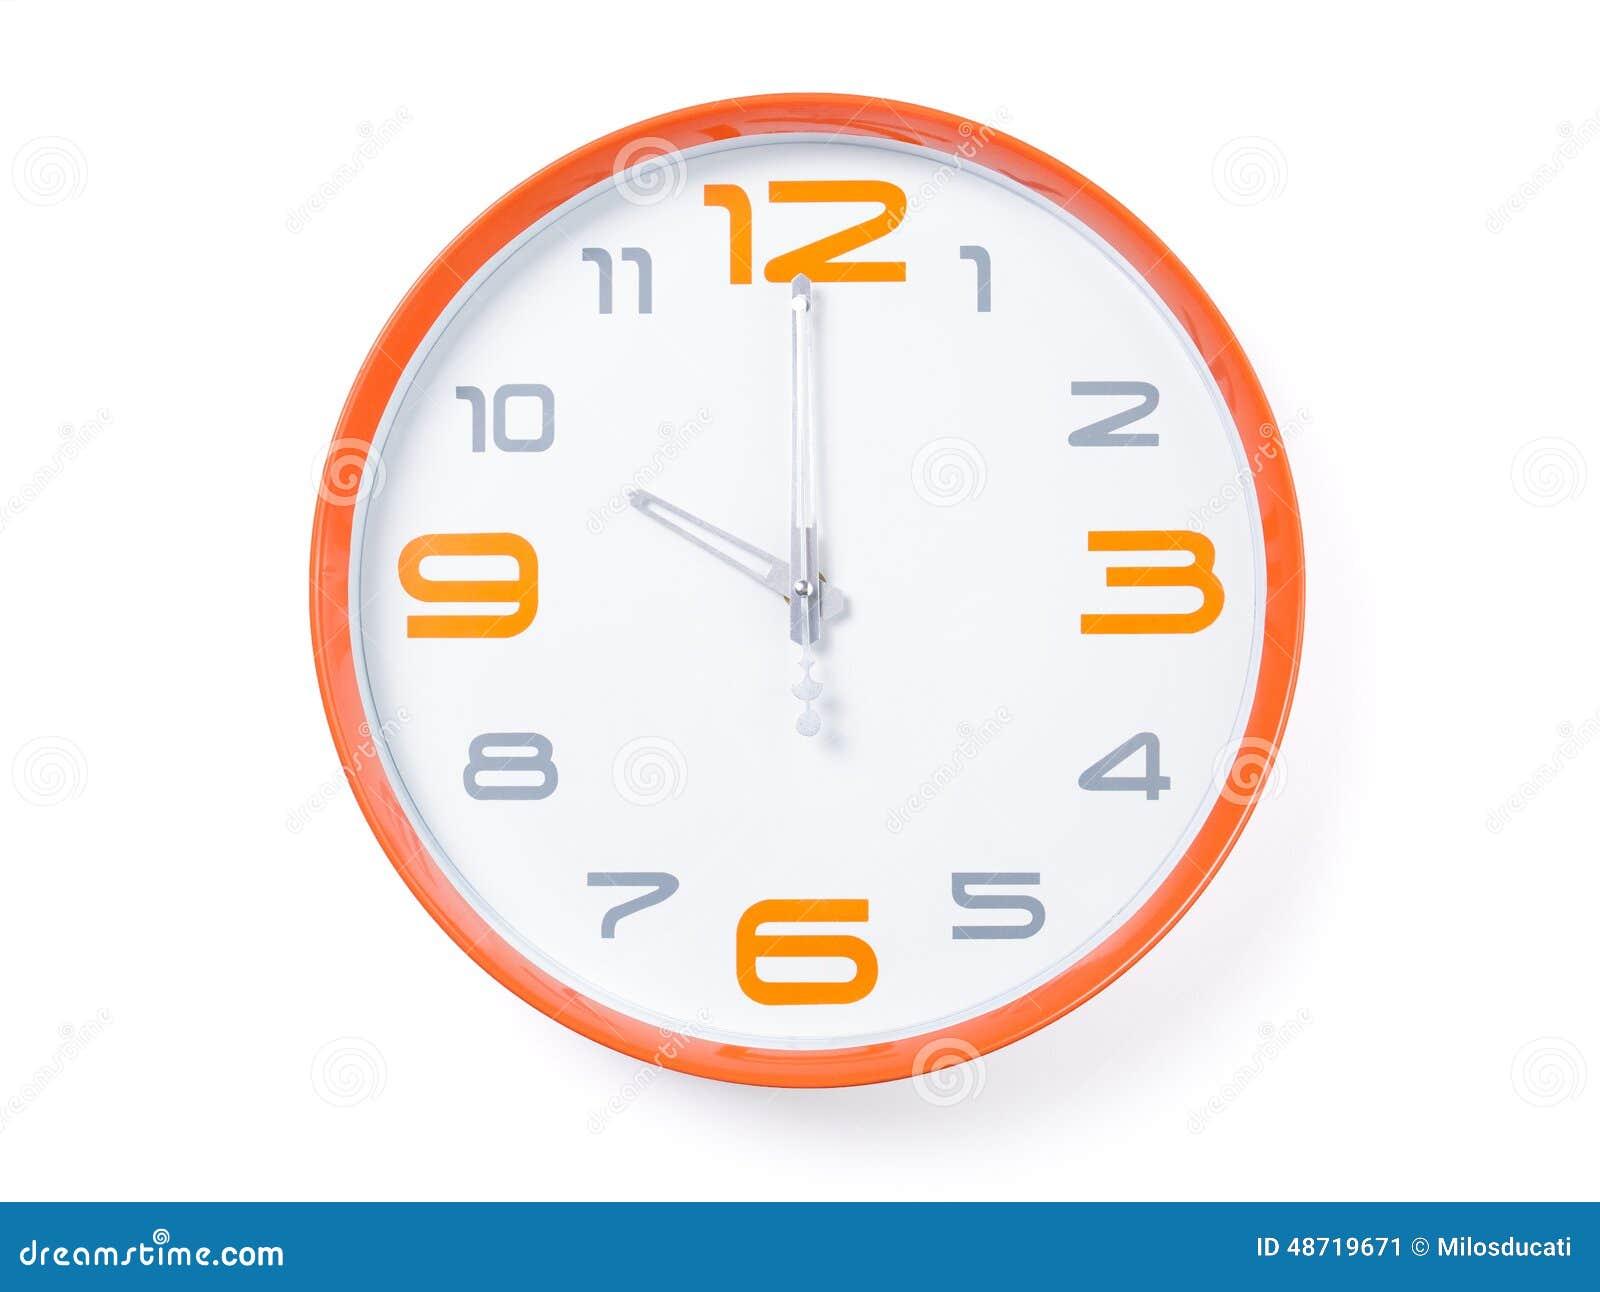 horloge moderne photo stock image 48719671. Black Bedroom Furniture Sets. Home Design Ideas